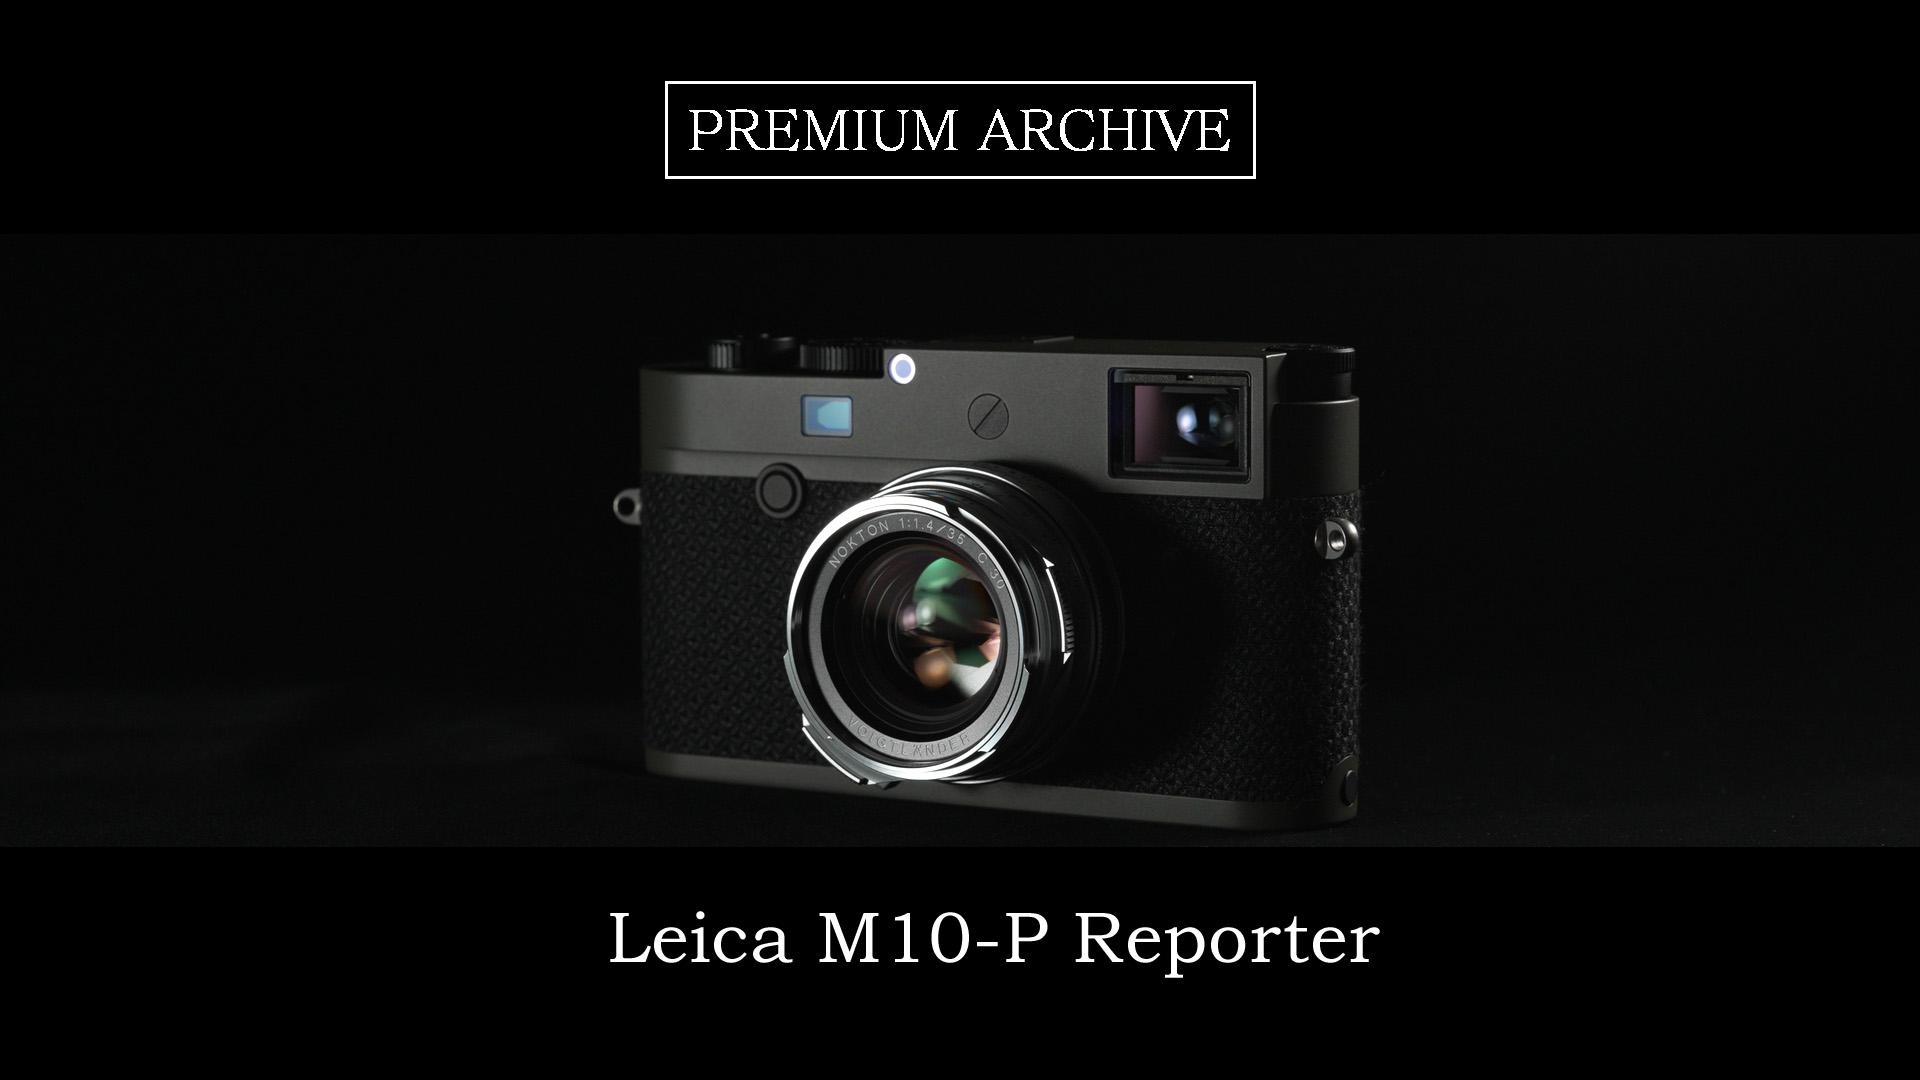 【PREMIUM ARCHIVE #01】Leica M10-P Reporter